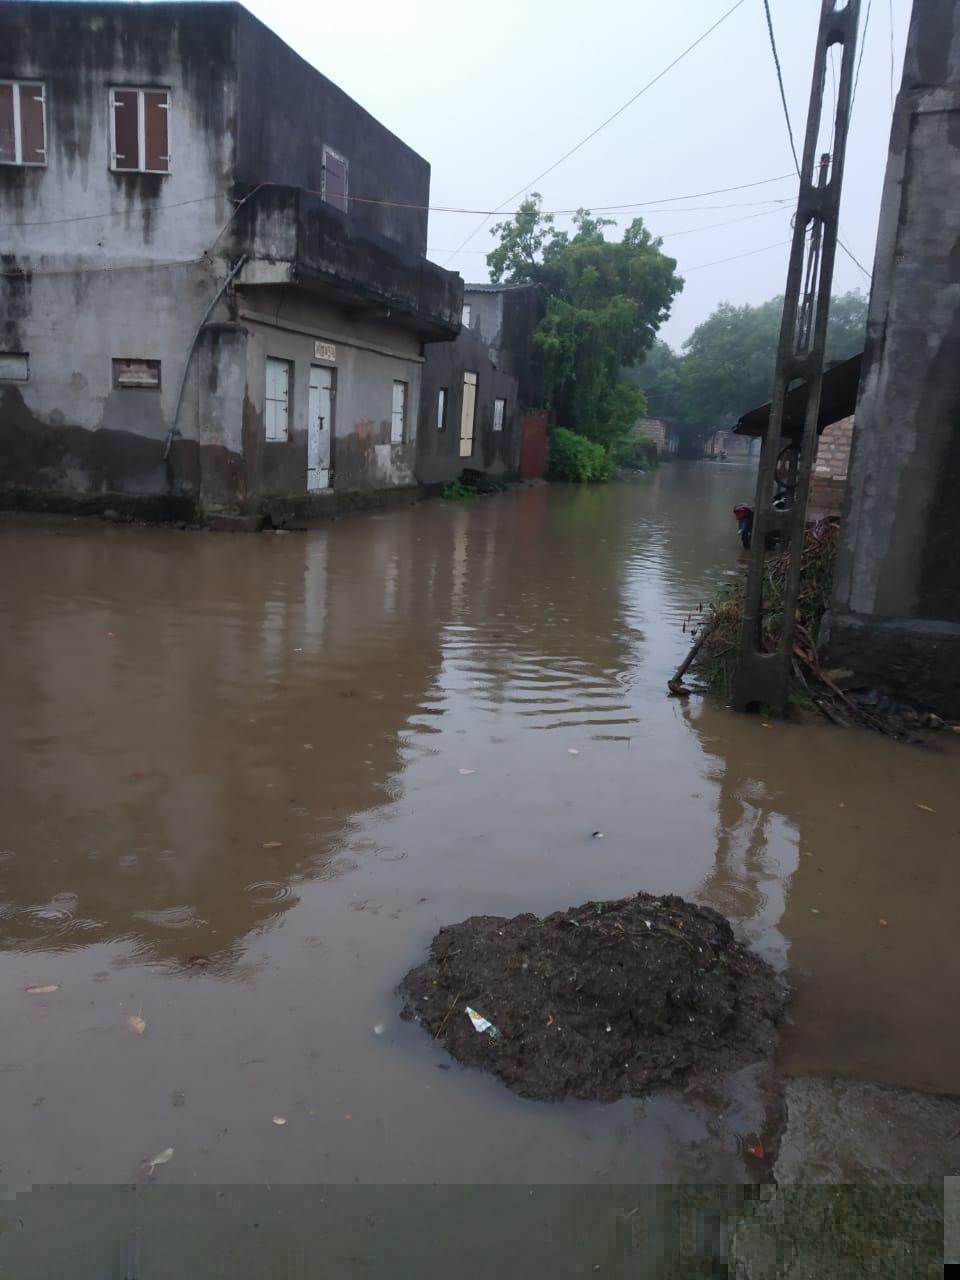 માણાવદરના આંબલીયા ગામે 3 ઇંચ વરસાદ ખાબકતા ઠેર-ઠેર પાણી